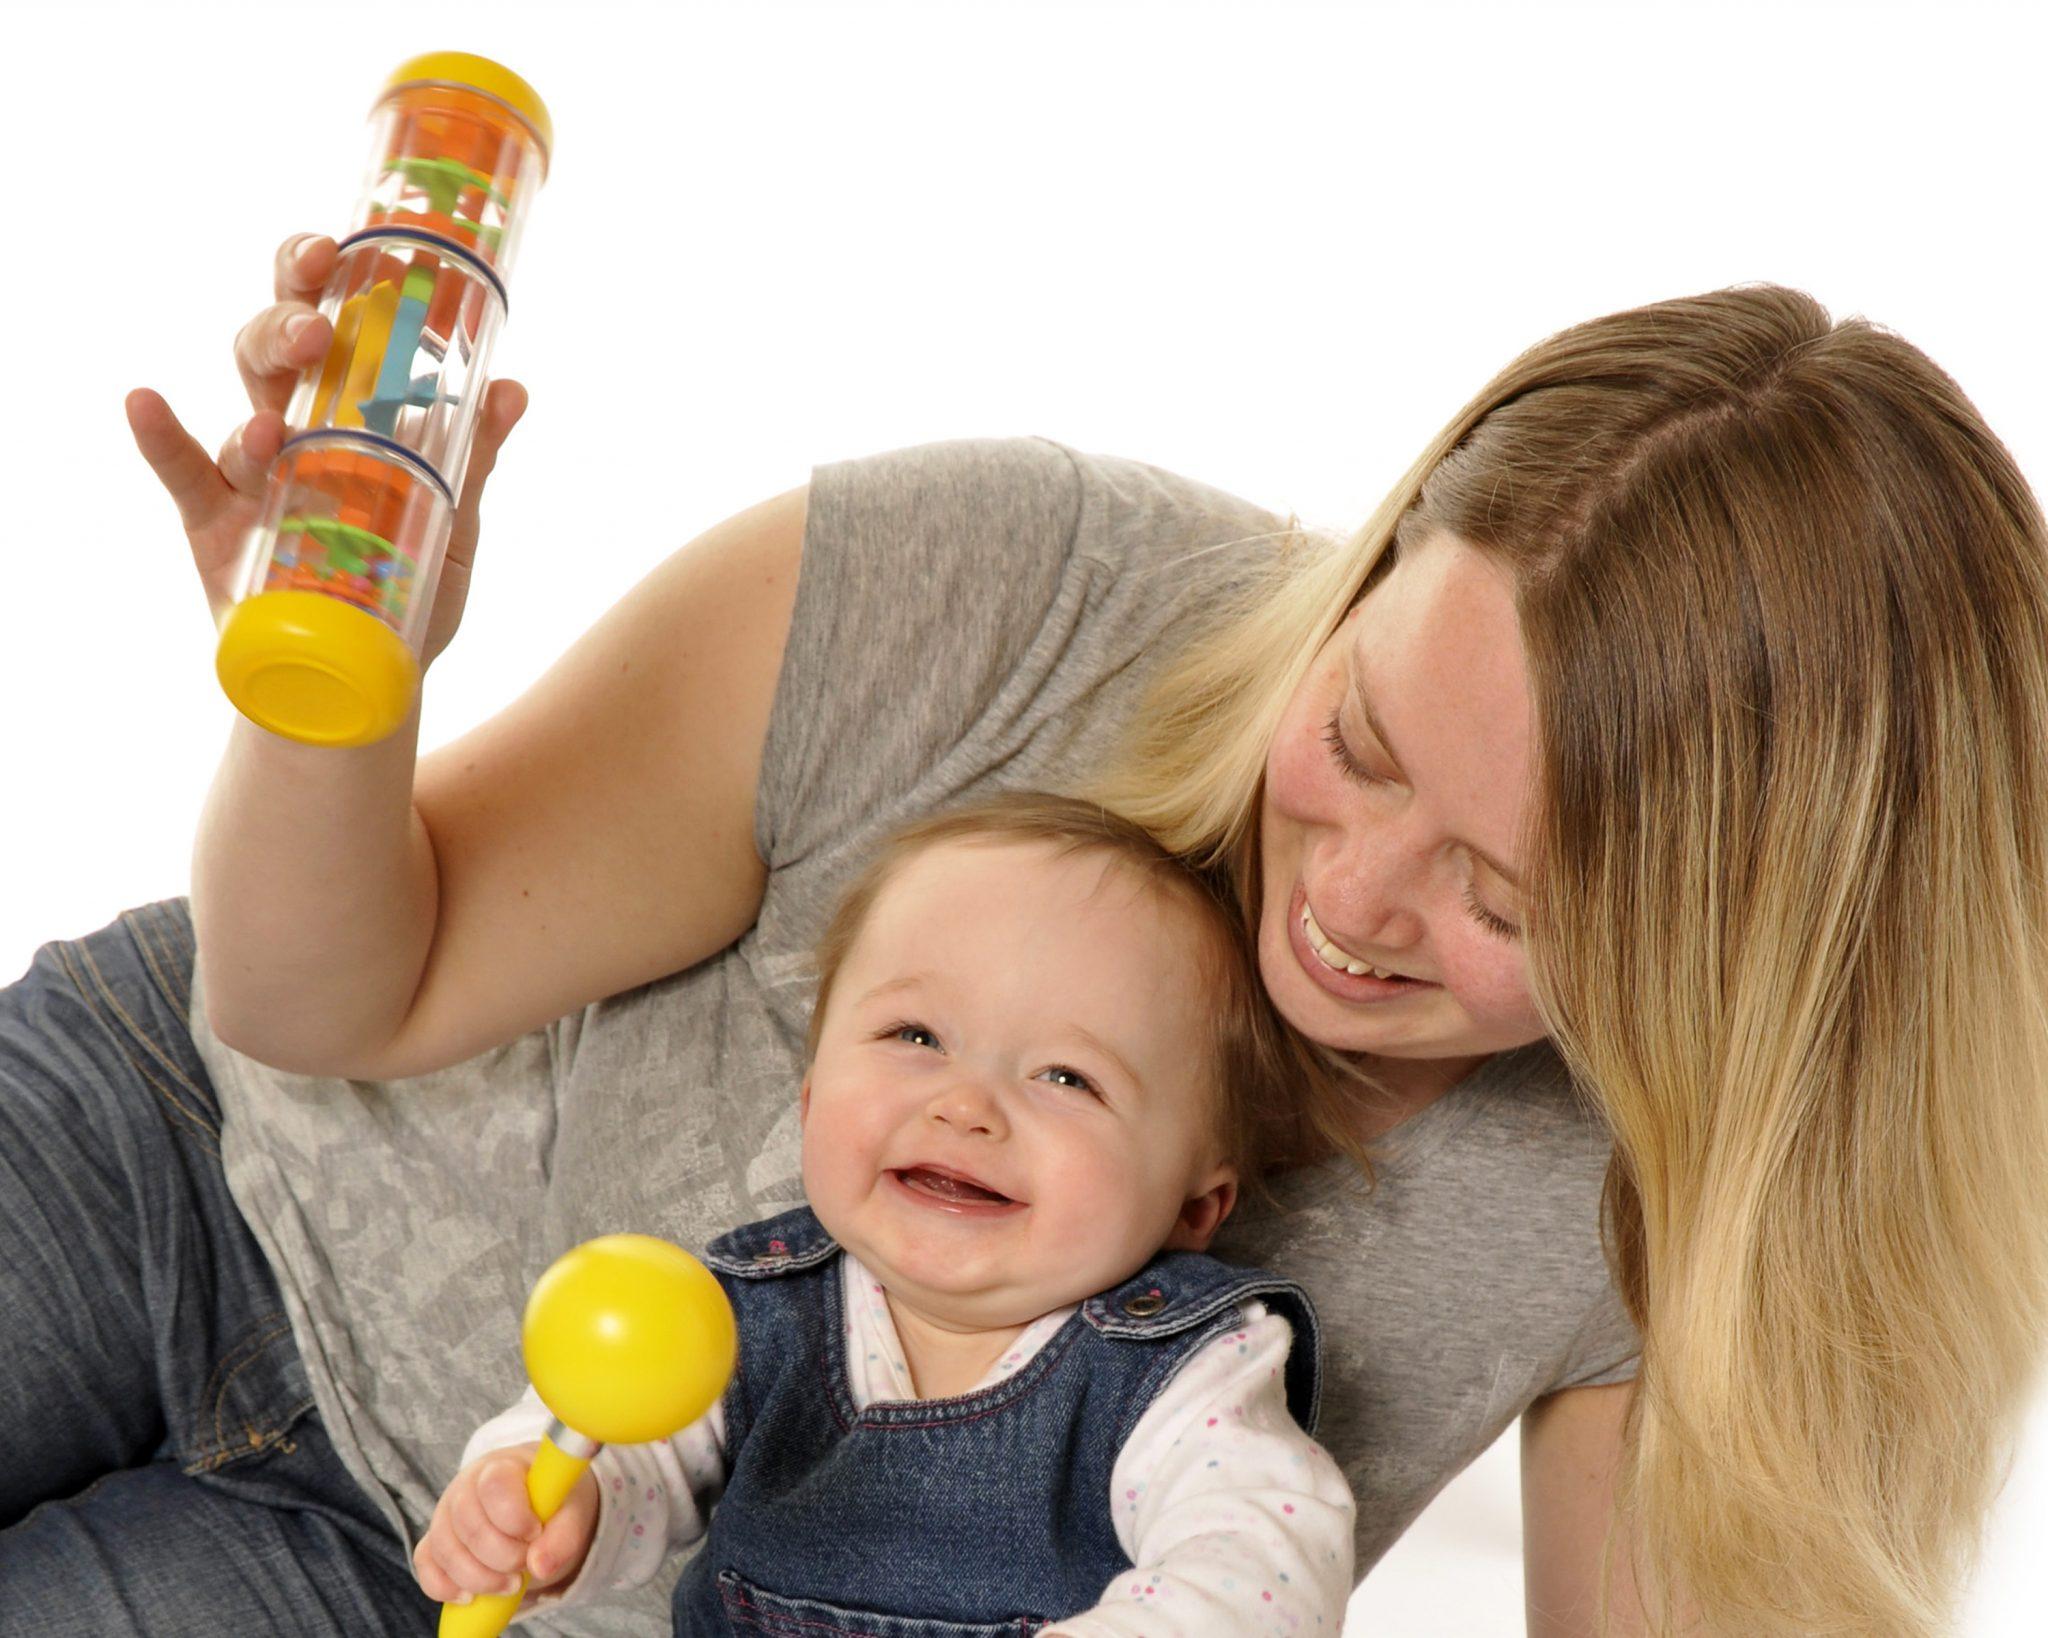 حرکت نتها در مغز کودک باعث آزاد شدن اکسیتوسین یا همان هورمون اتصال شود